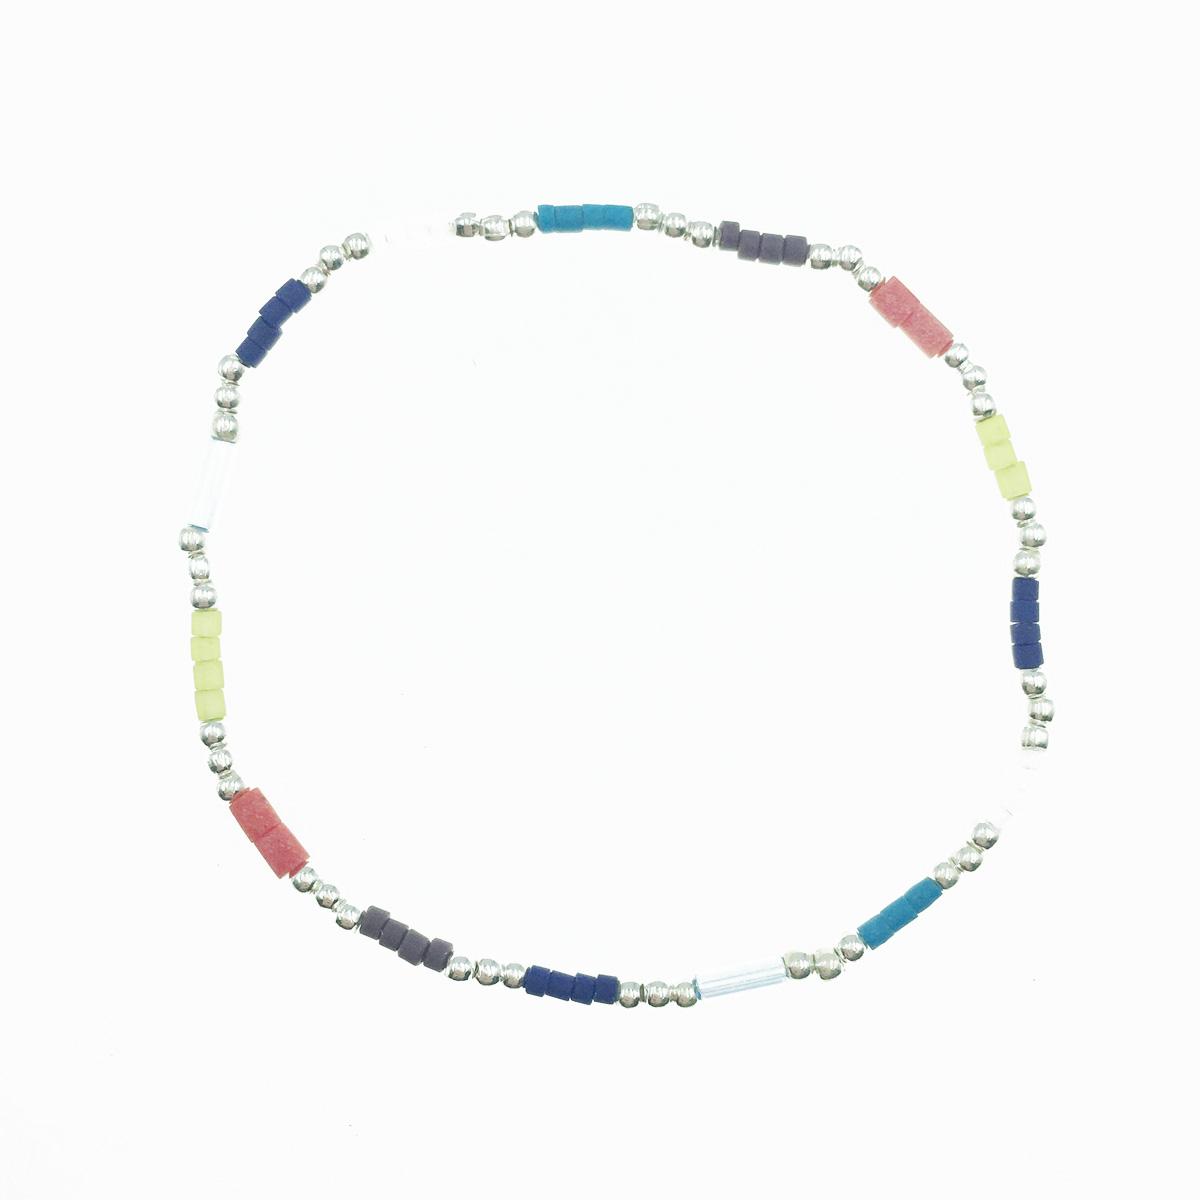 韓國 925純銀 小銀珠 串珠 彈性 手飾 手鍊